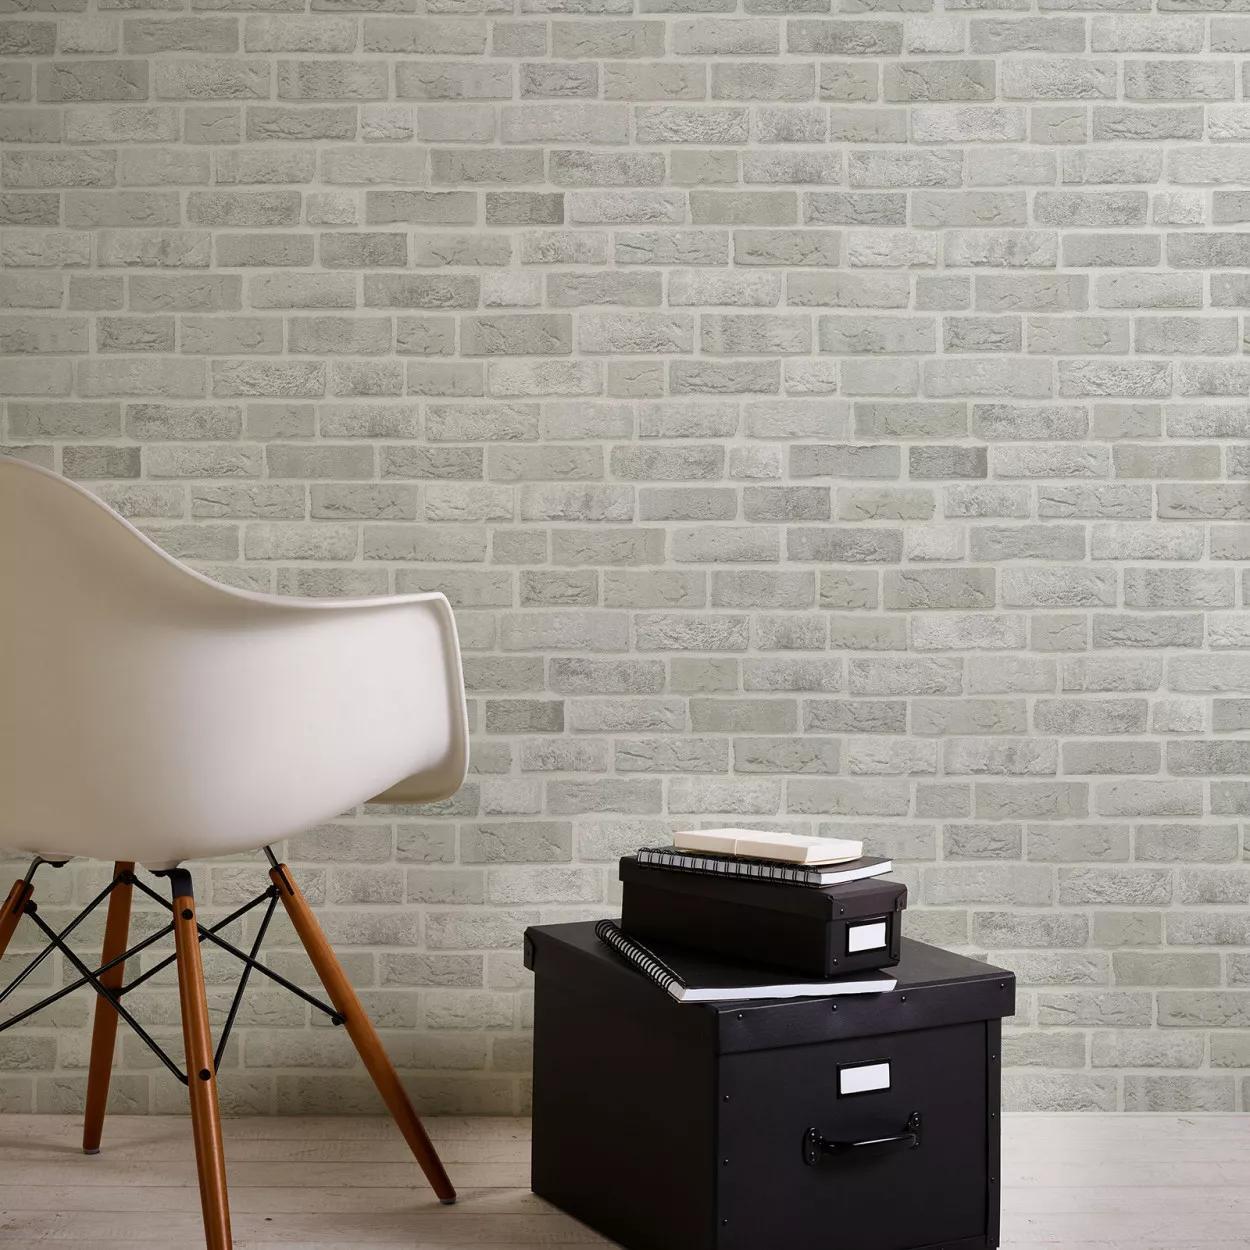 Szürke-fehér téglamintás vlies tapéta mosható felülettel